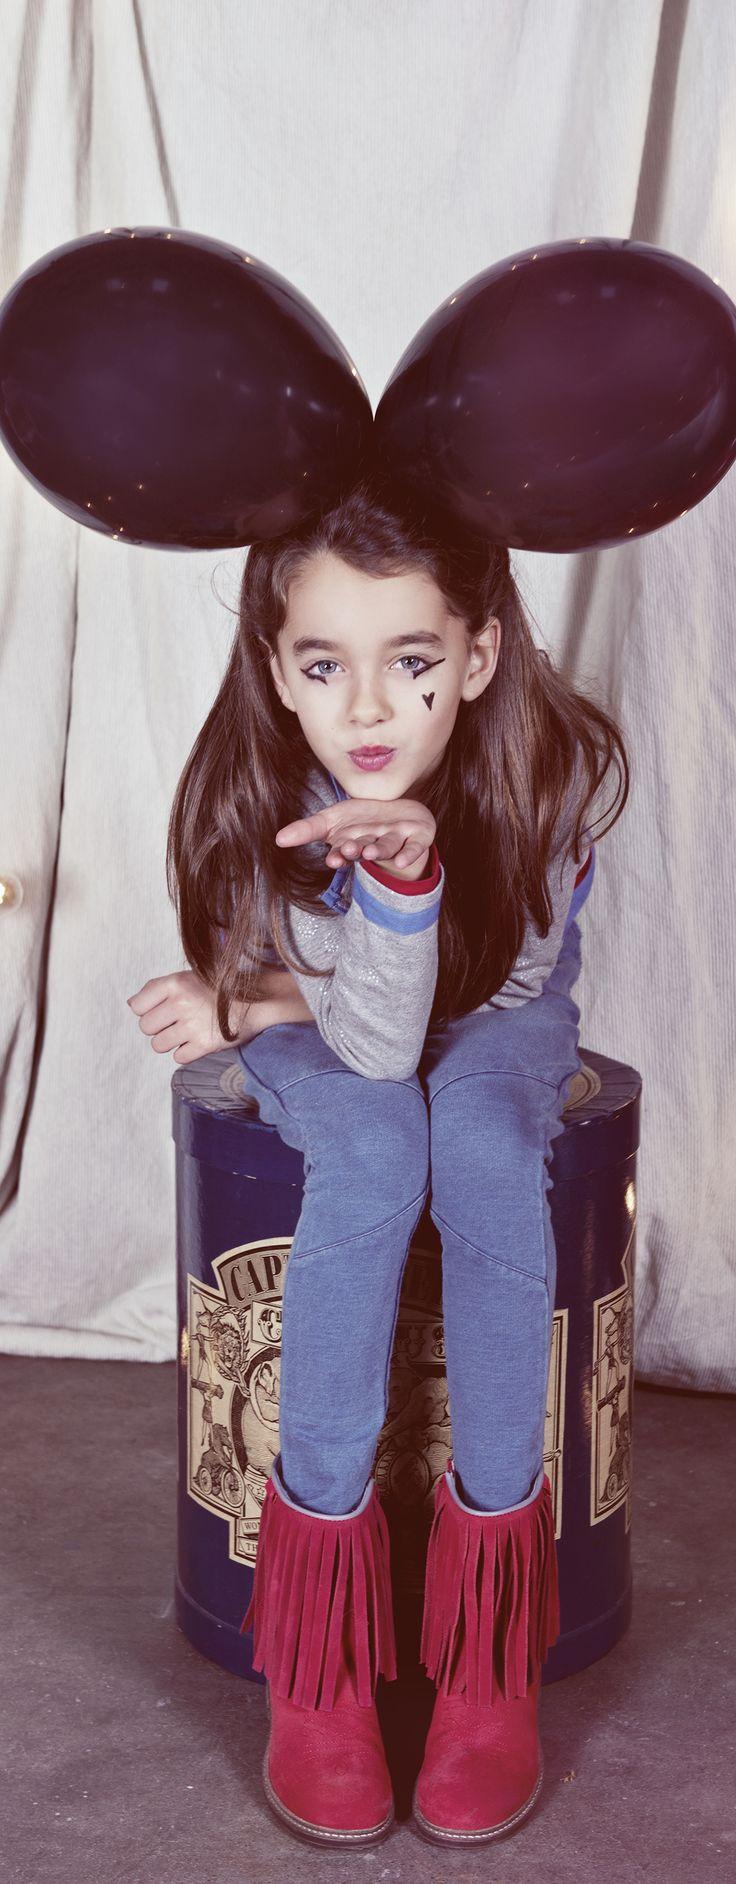 Little Miss Juliette winter 2015 | Kixx Online kinderkleding babykleding www.kixx-online.nl